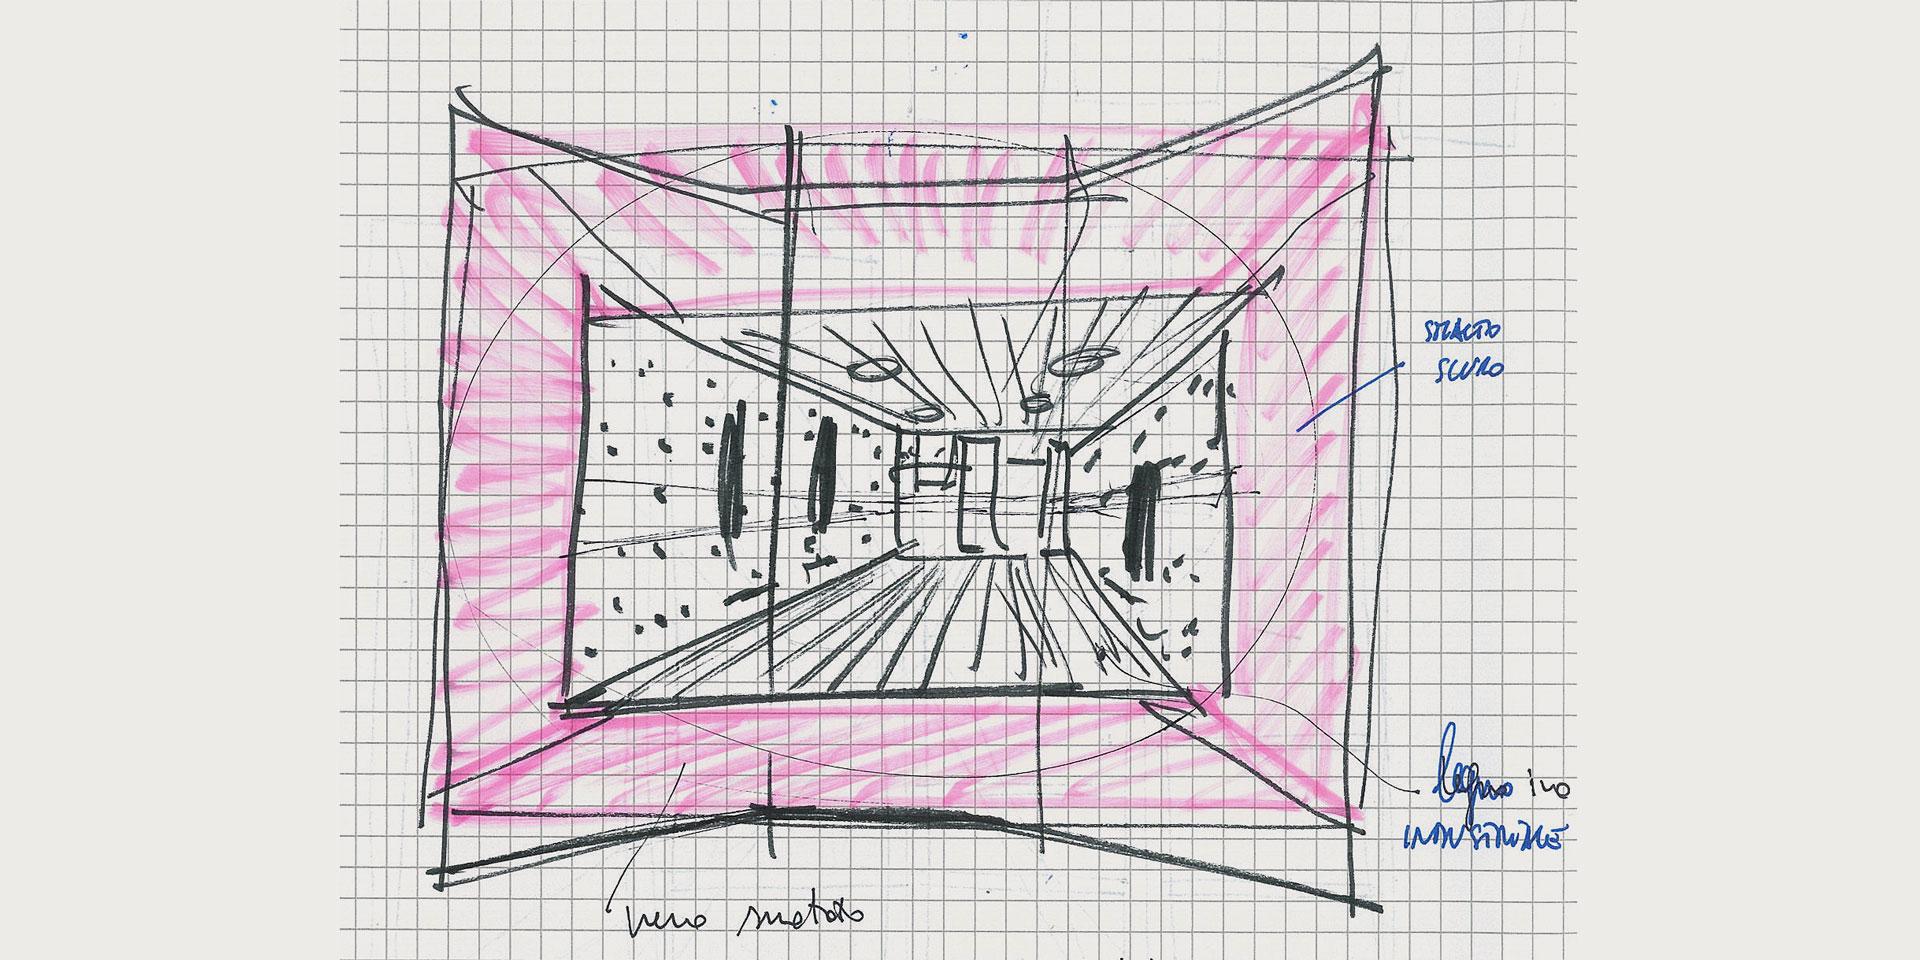 archinow_DM_parrucchiere-piazza-cavour_02